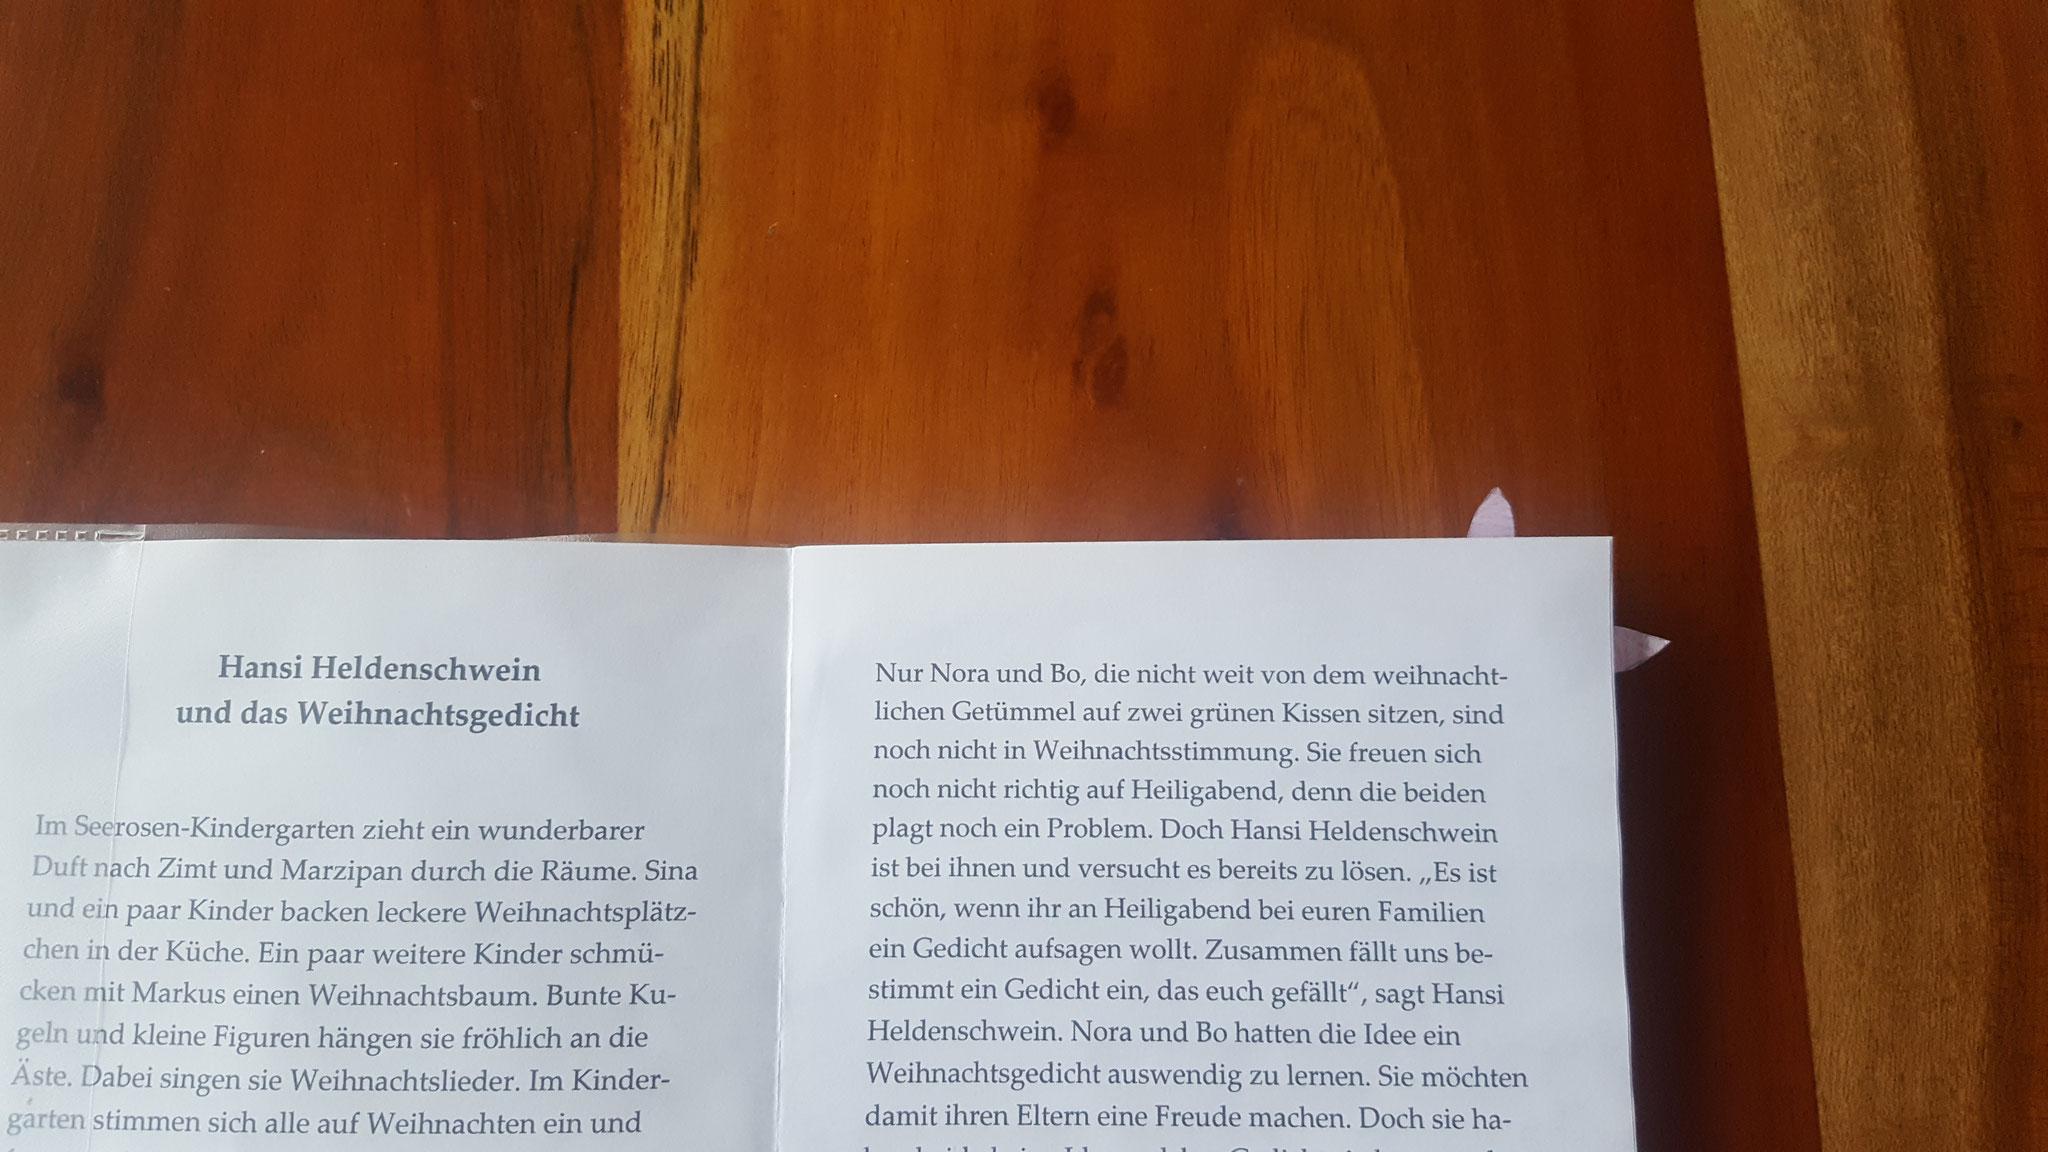 Die Ohren des Hansi-Lesezeichens sind zusehen, wenn umgeblättert wird